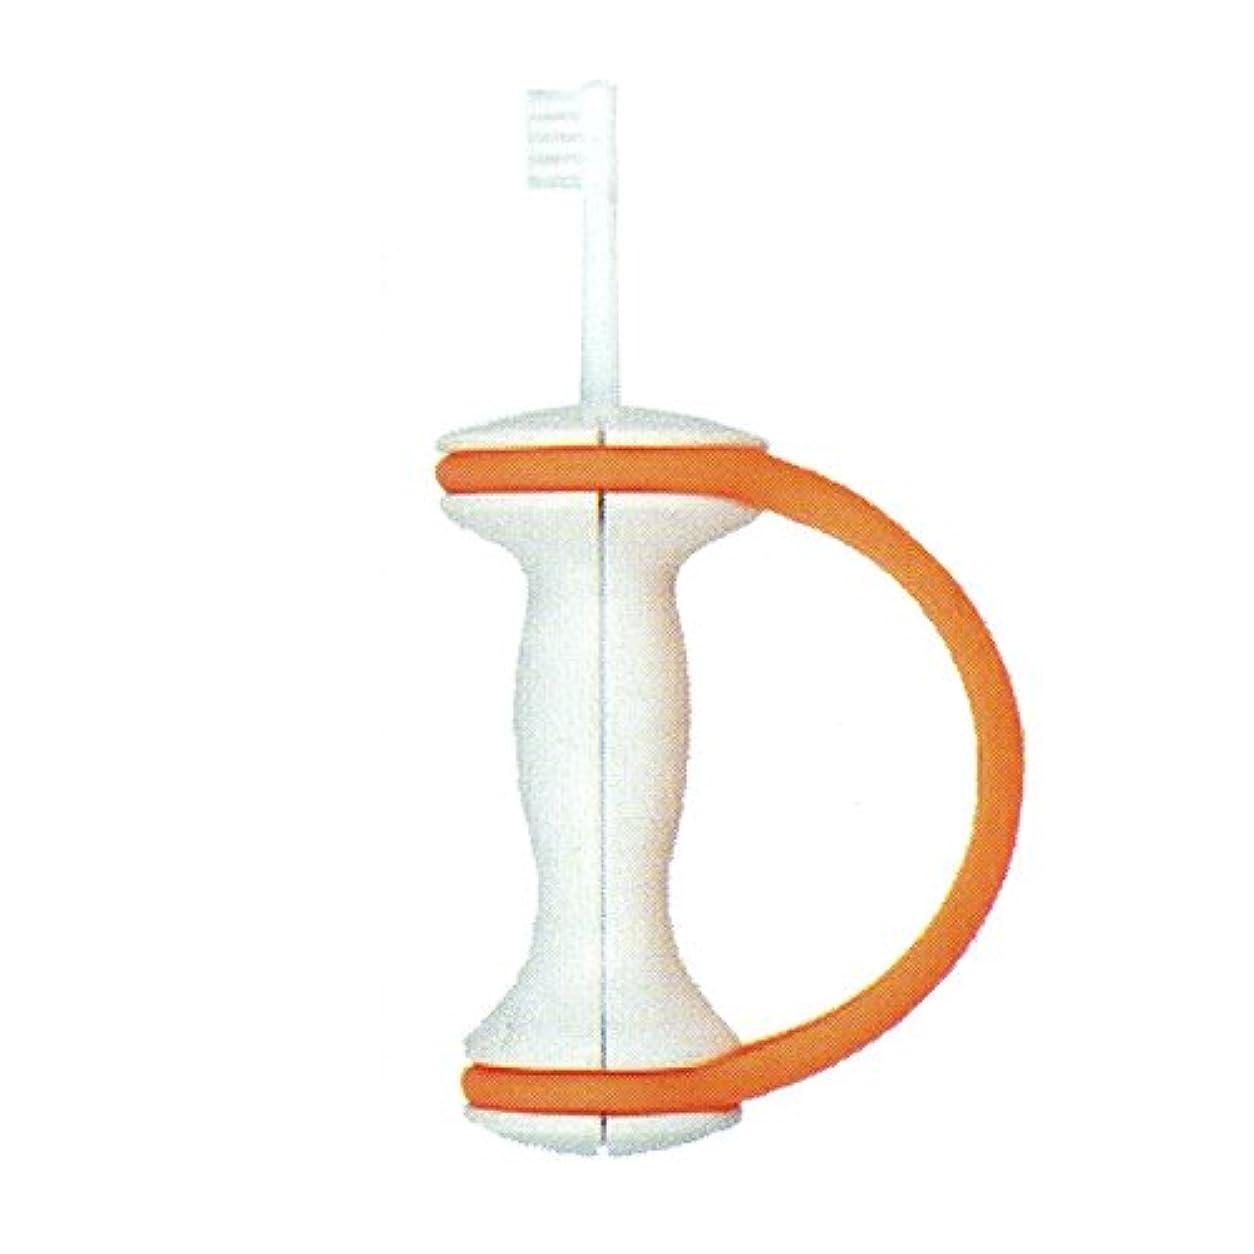 プーノ取り消すプーノテテオ じぶんでみがけた 乳歯ブラシ セット